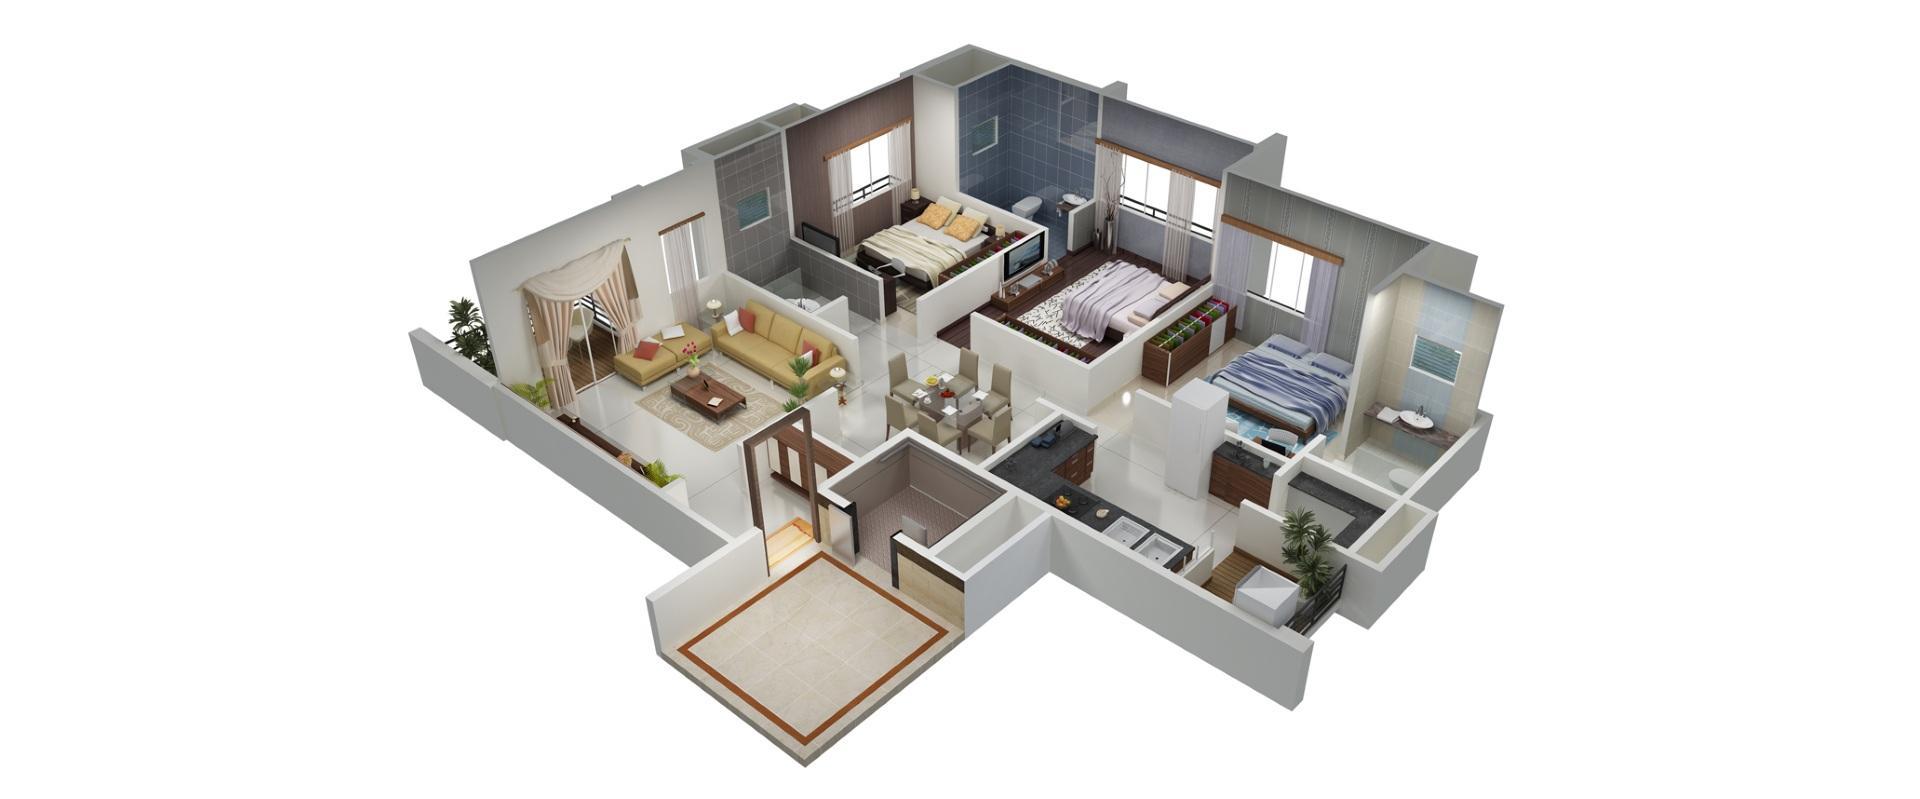 Купить квартиру без первоначального взноса